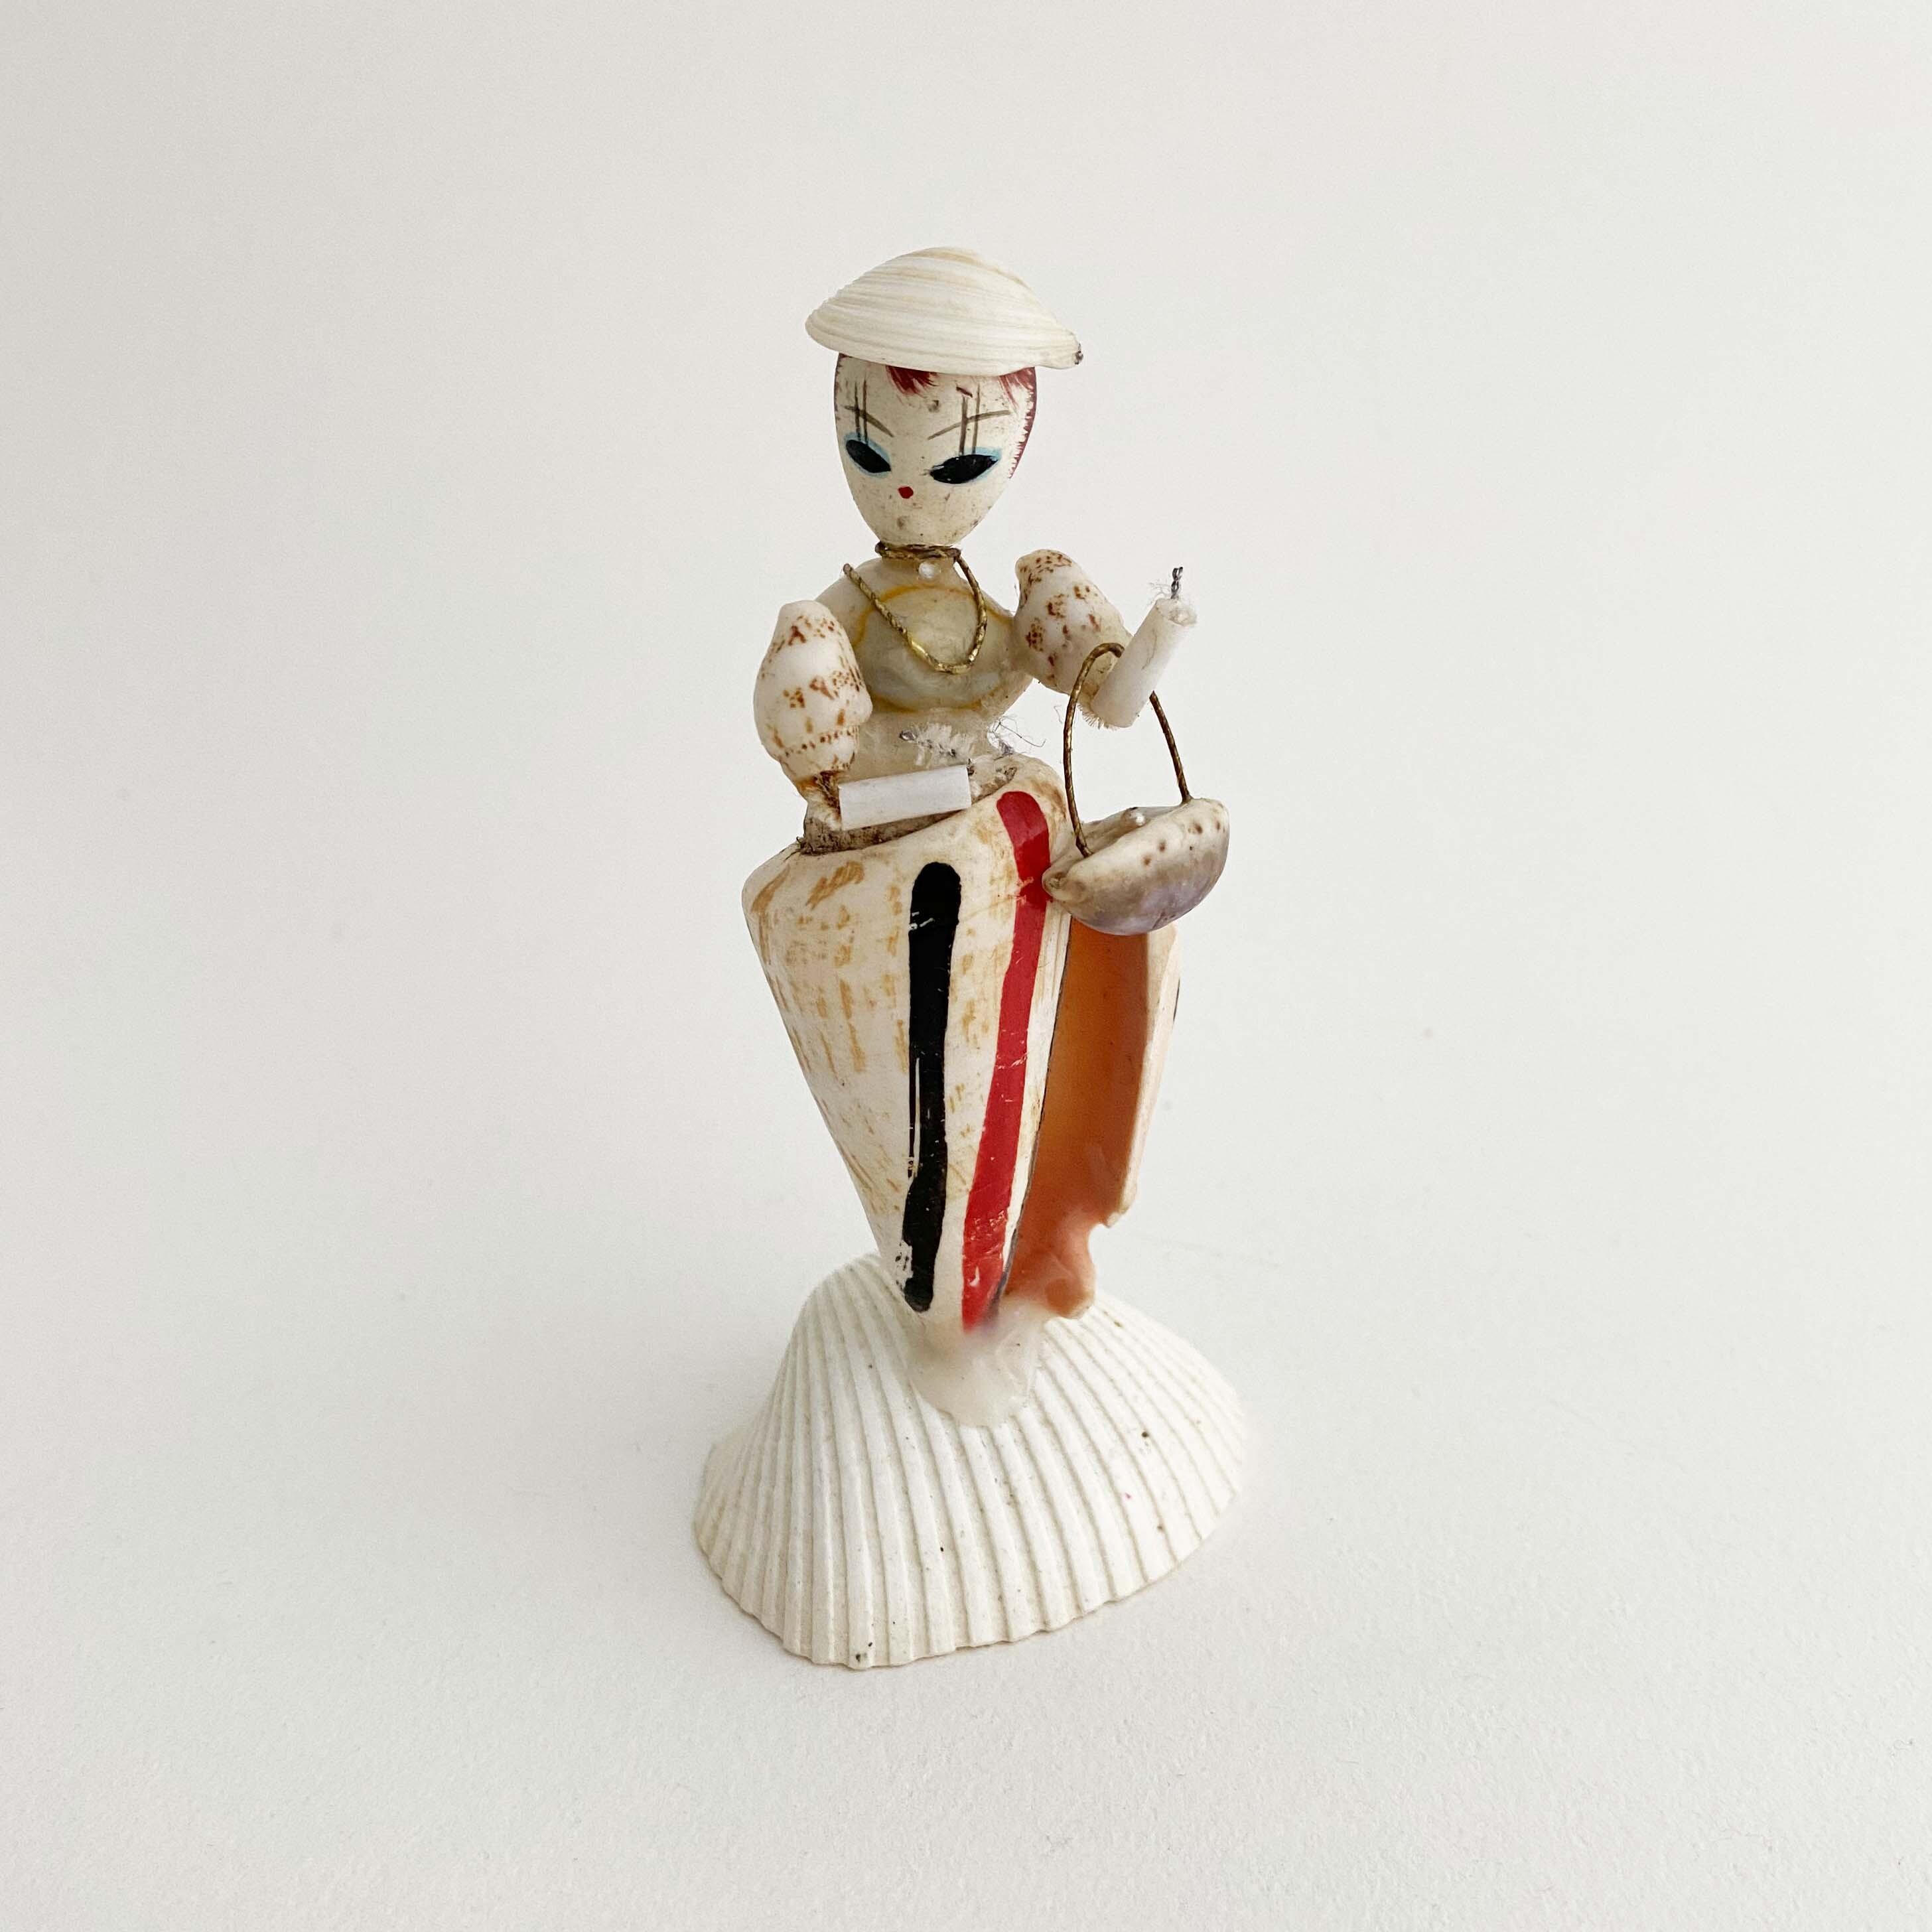 デッドストック昭和 貝人形お嬢さん(イモ貝)